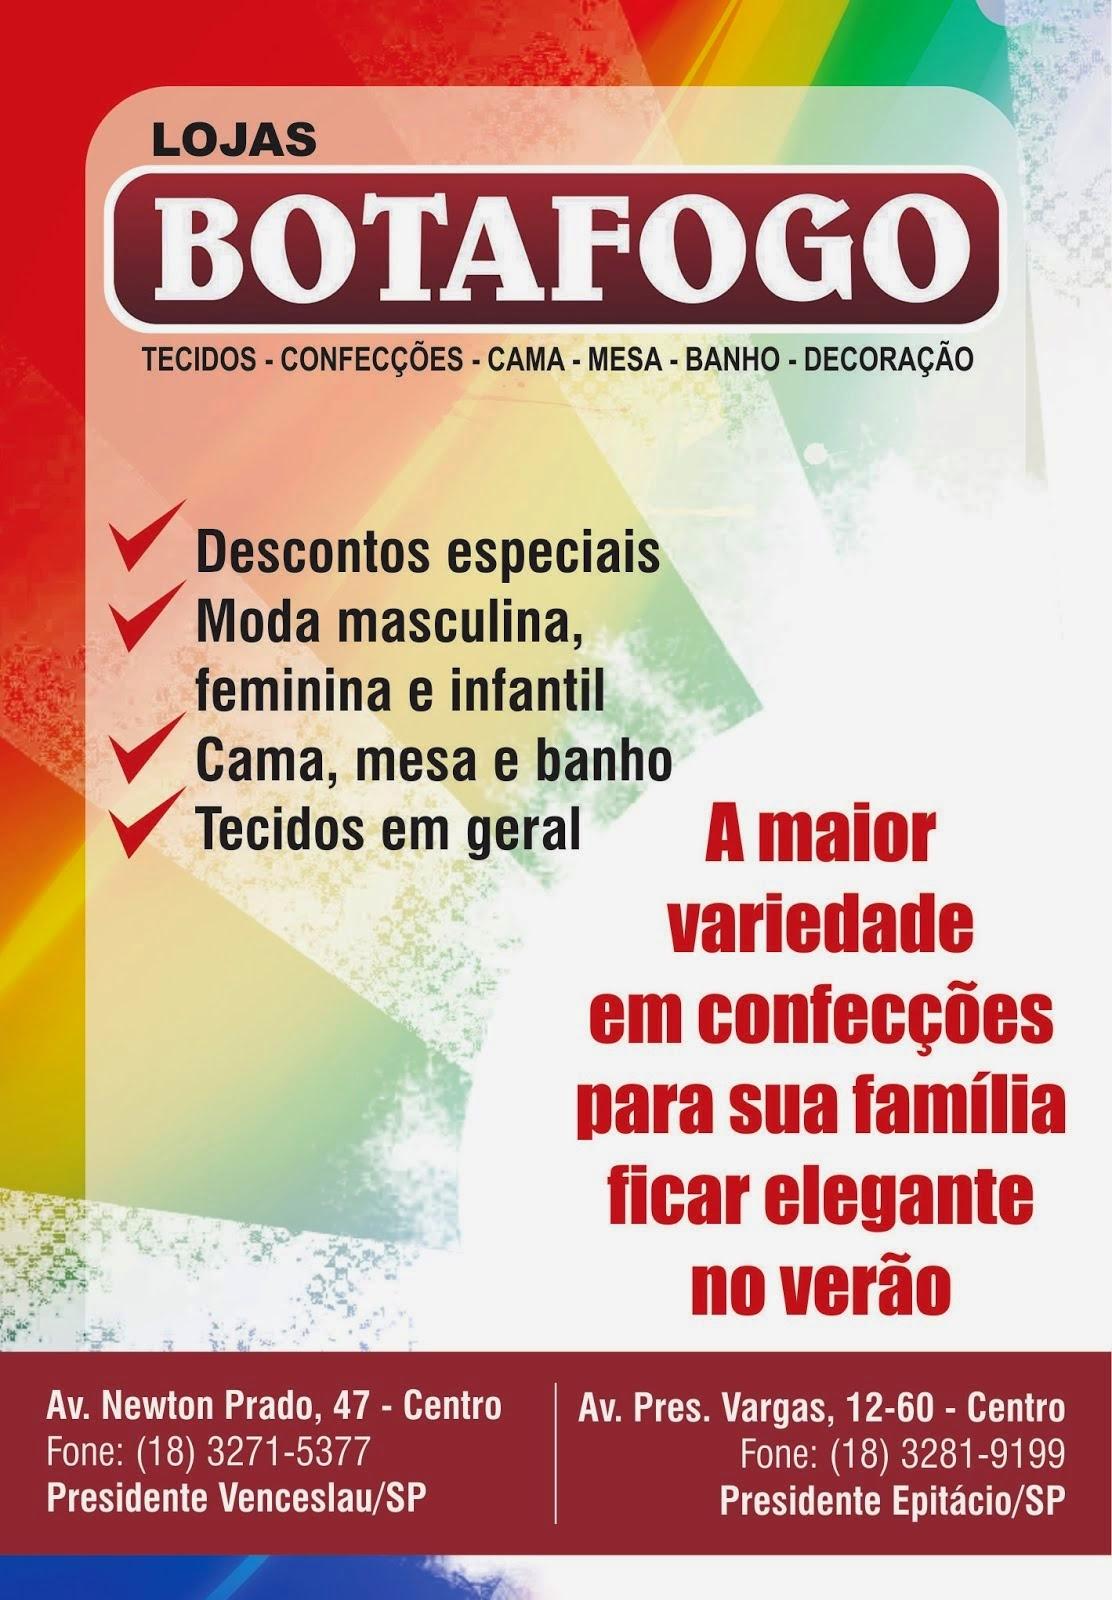 Clique aqui e veja as novidades da Botafogo